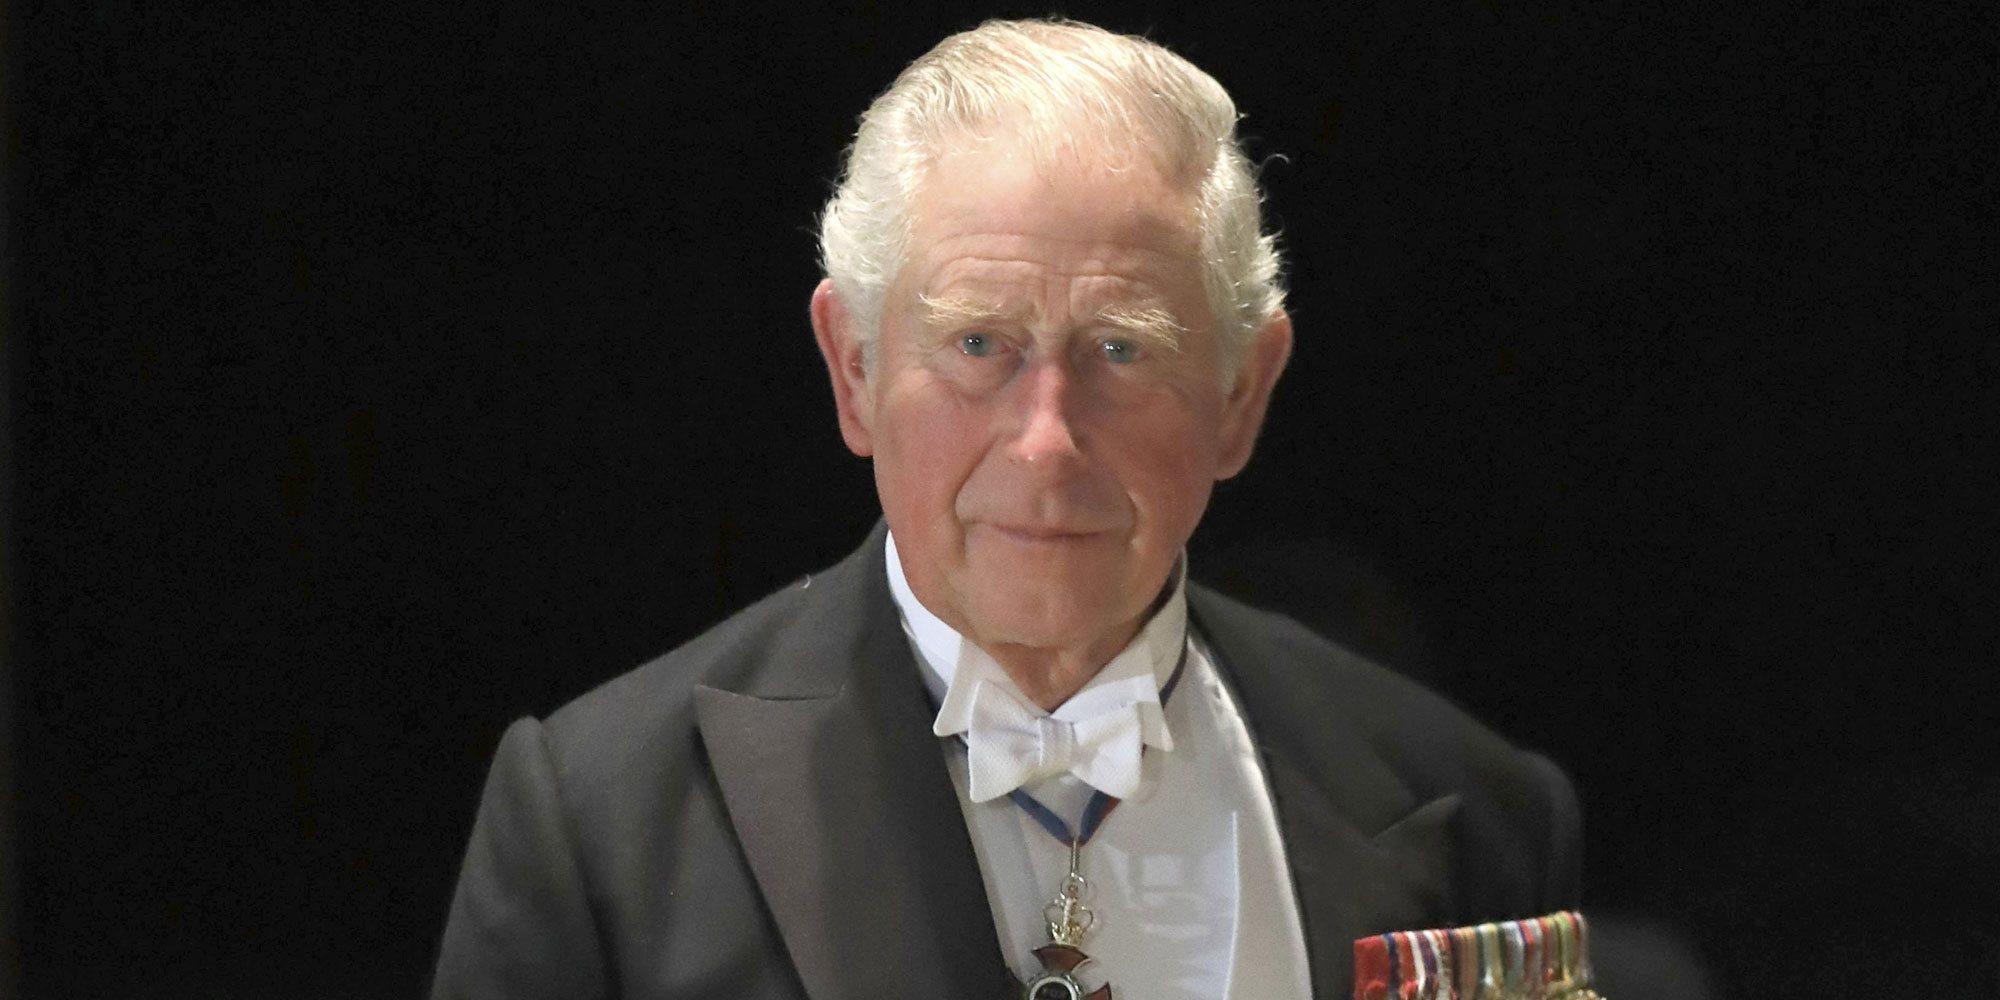 El plan del Príncipe Carlos para cuando sea Rey con el que pretende acercar la Monarquía y obtener beneficios